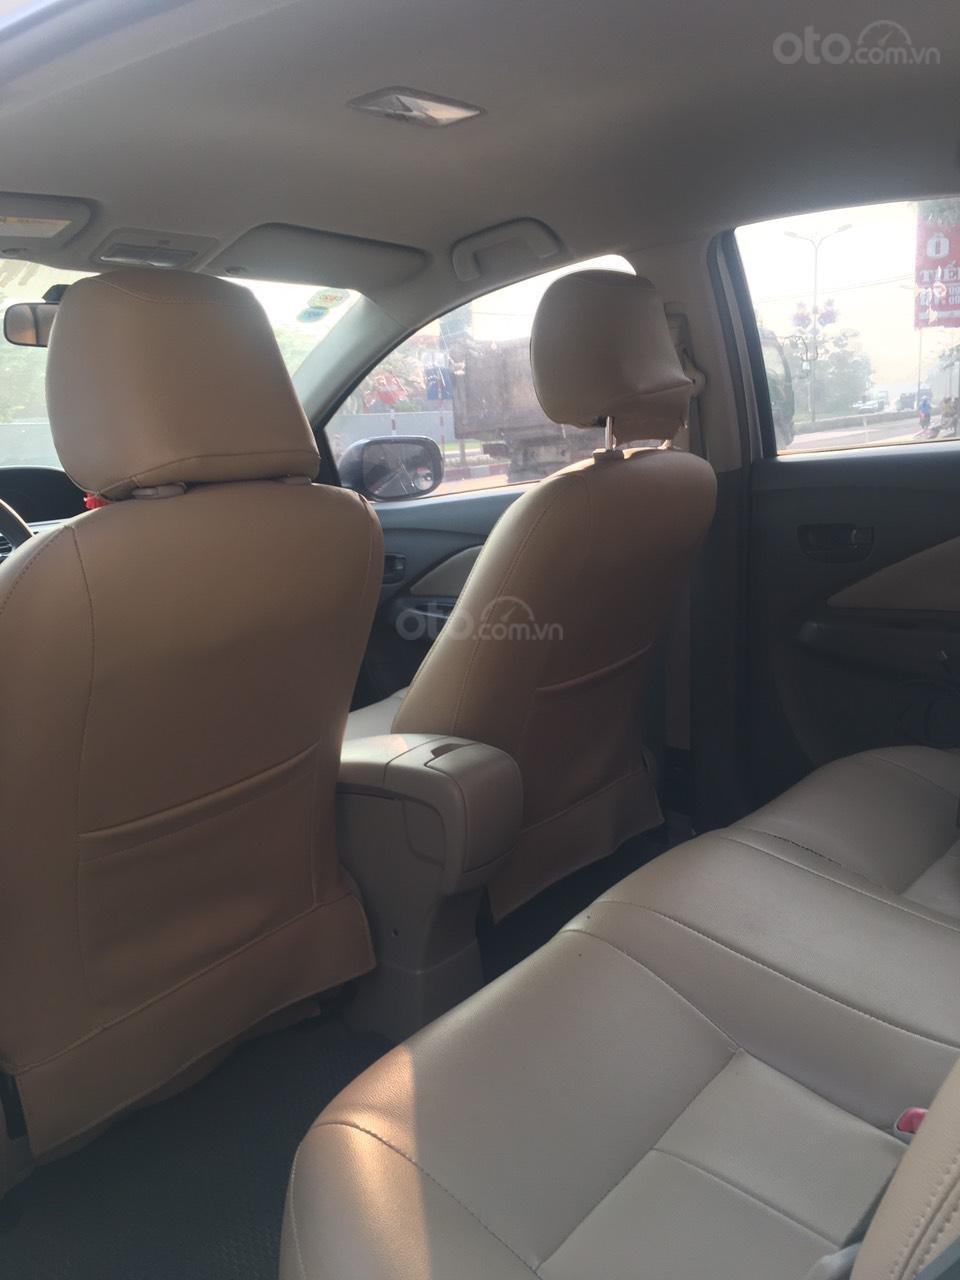 Cần bán Toyota Vios năm sản xuất 2010 giá cạnh tranh (6)